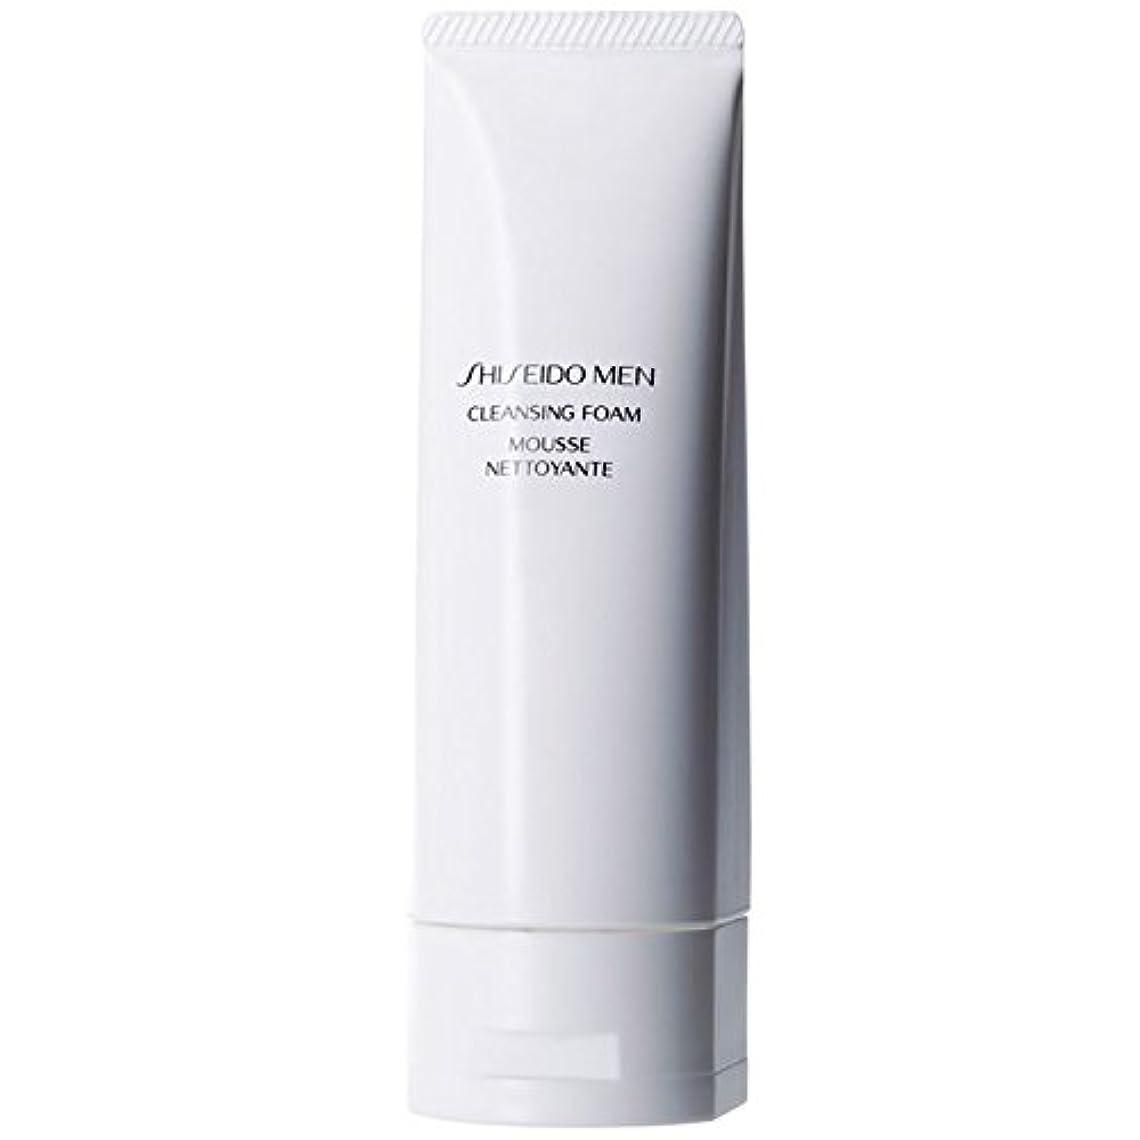 金額話サイクロプス[Shiseido] 泡125ミリリットルをクレンジング資生堂の男性 - Shiseido Men Cleansing Foam 125ml [並行輸入品]